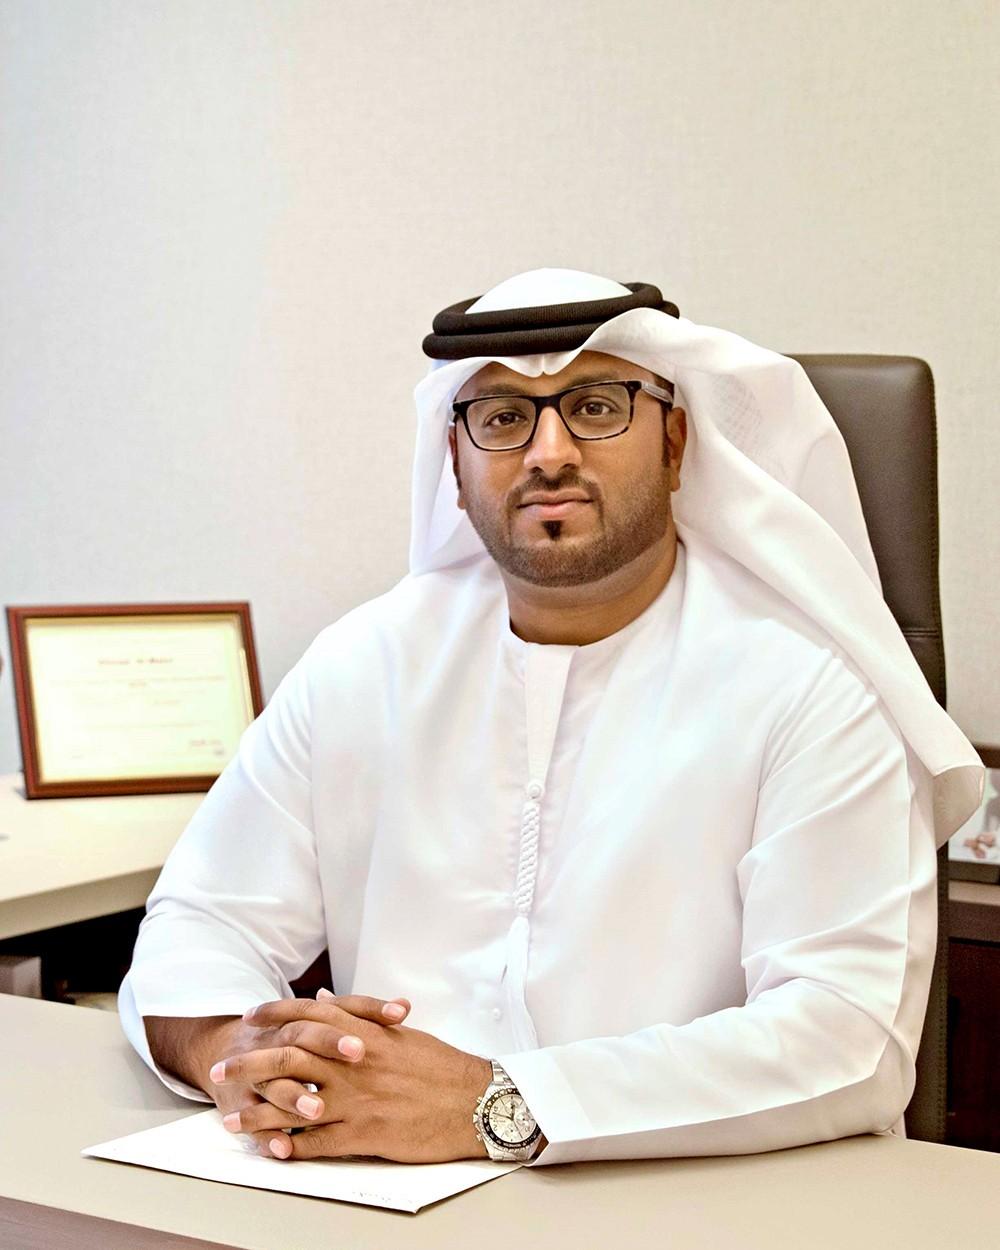 """قيم """"خط دبي"""" تعزز مفاهيم التنوع والاحترام وقبول الآخر"""